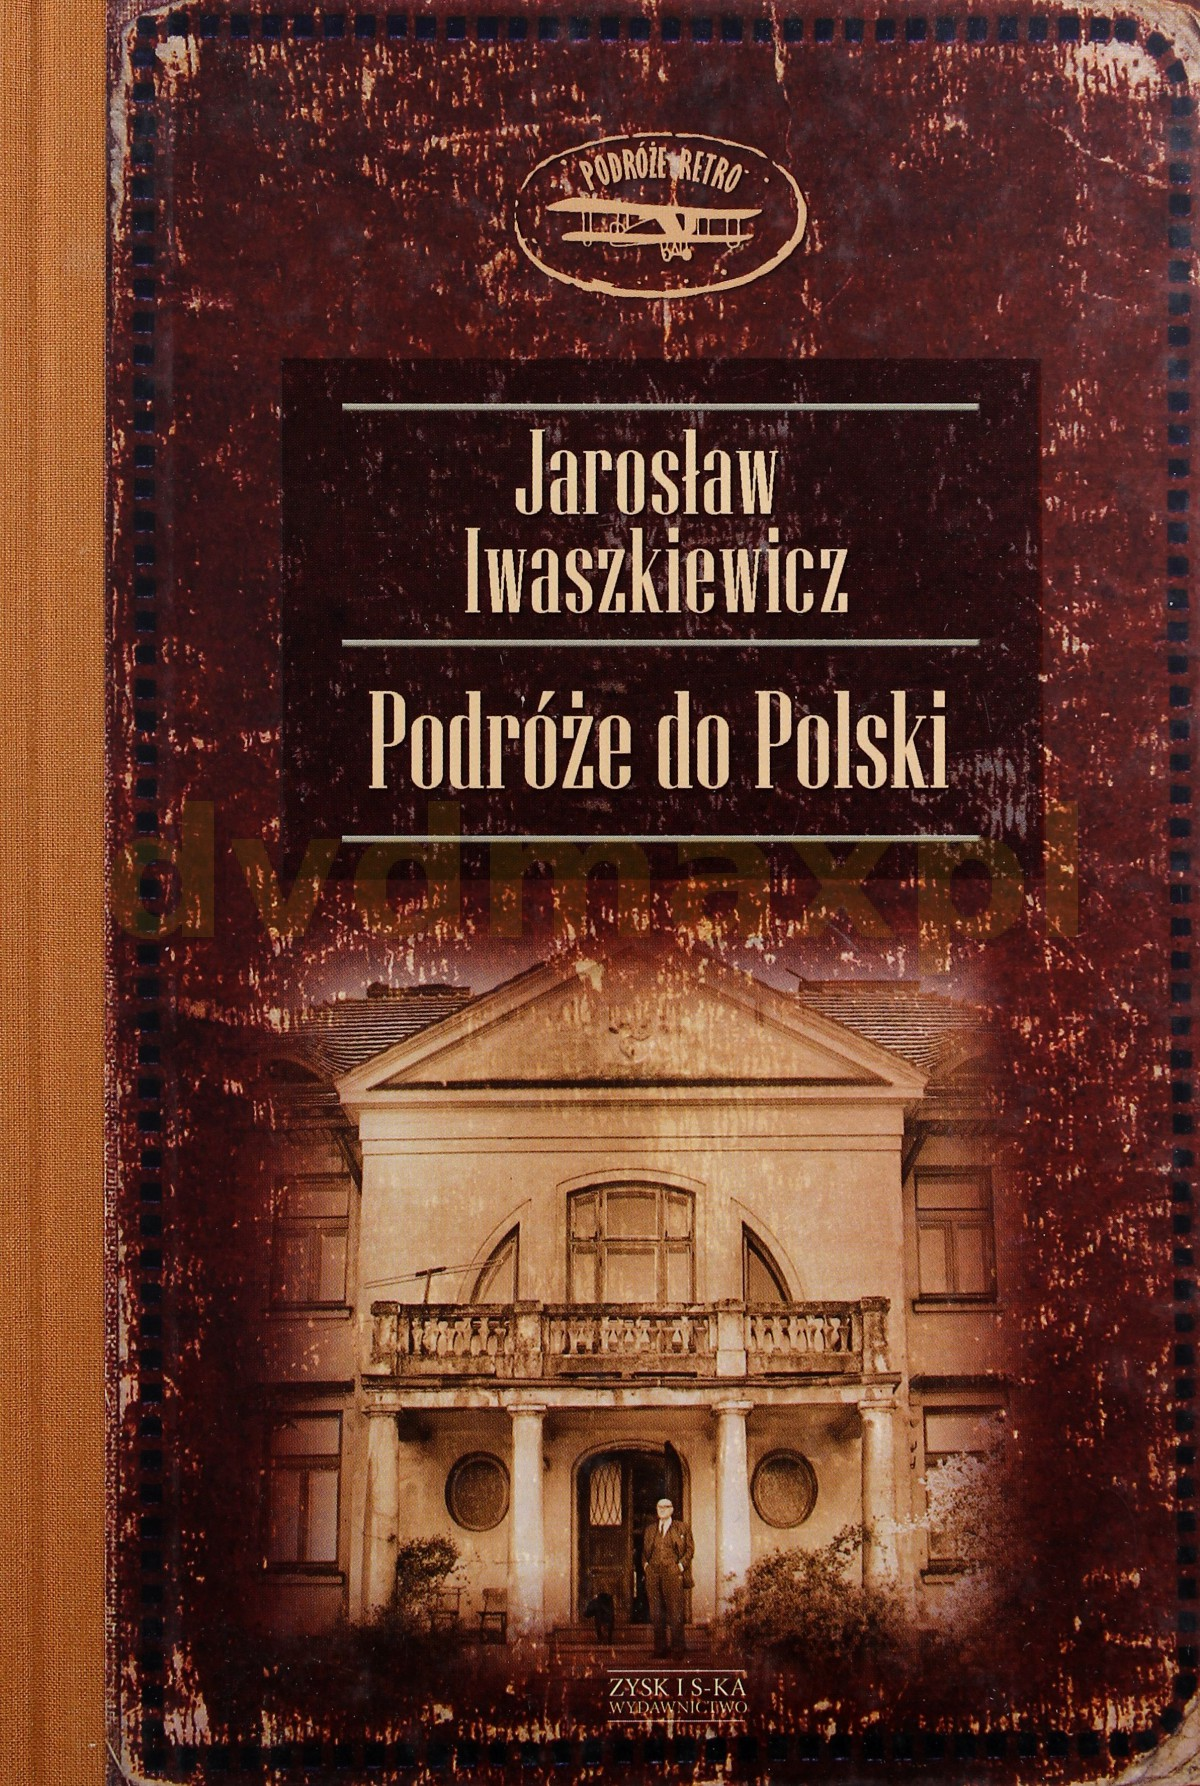 Podróże do polski - Jarosław Iwaszkiewicz [KSIĄŻKA] - Jarosław Iwaszkiewicz